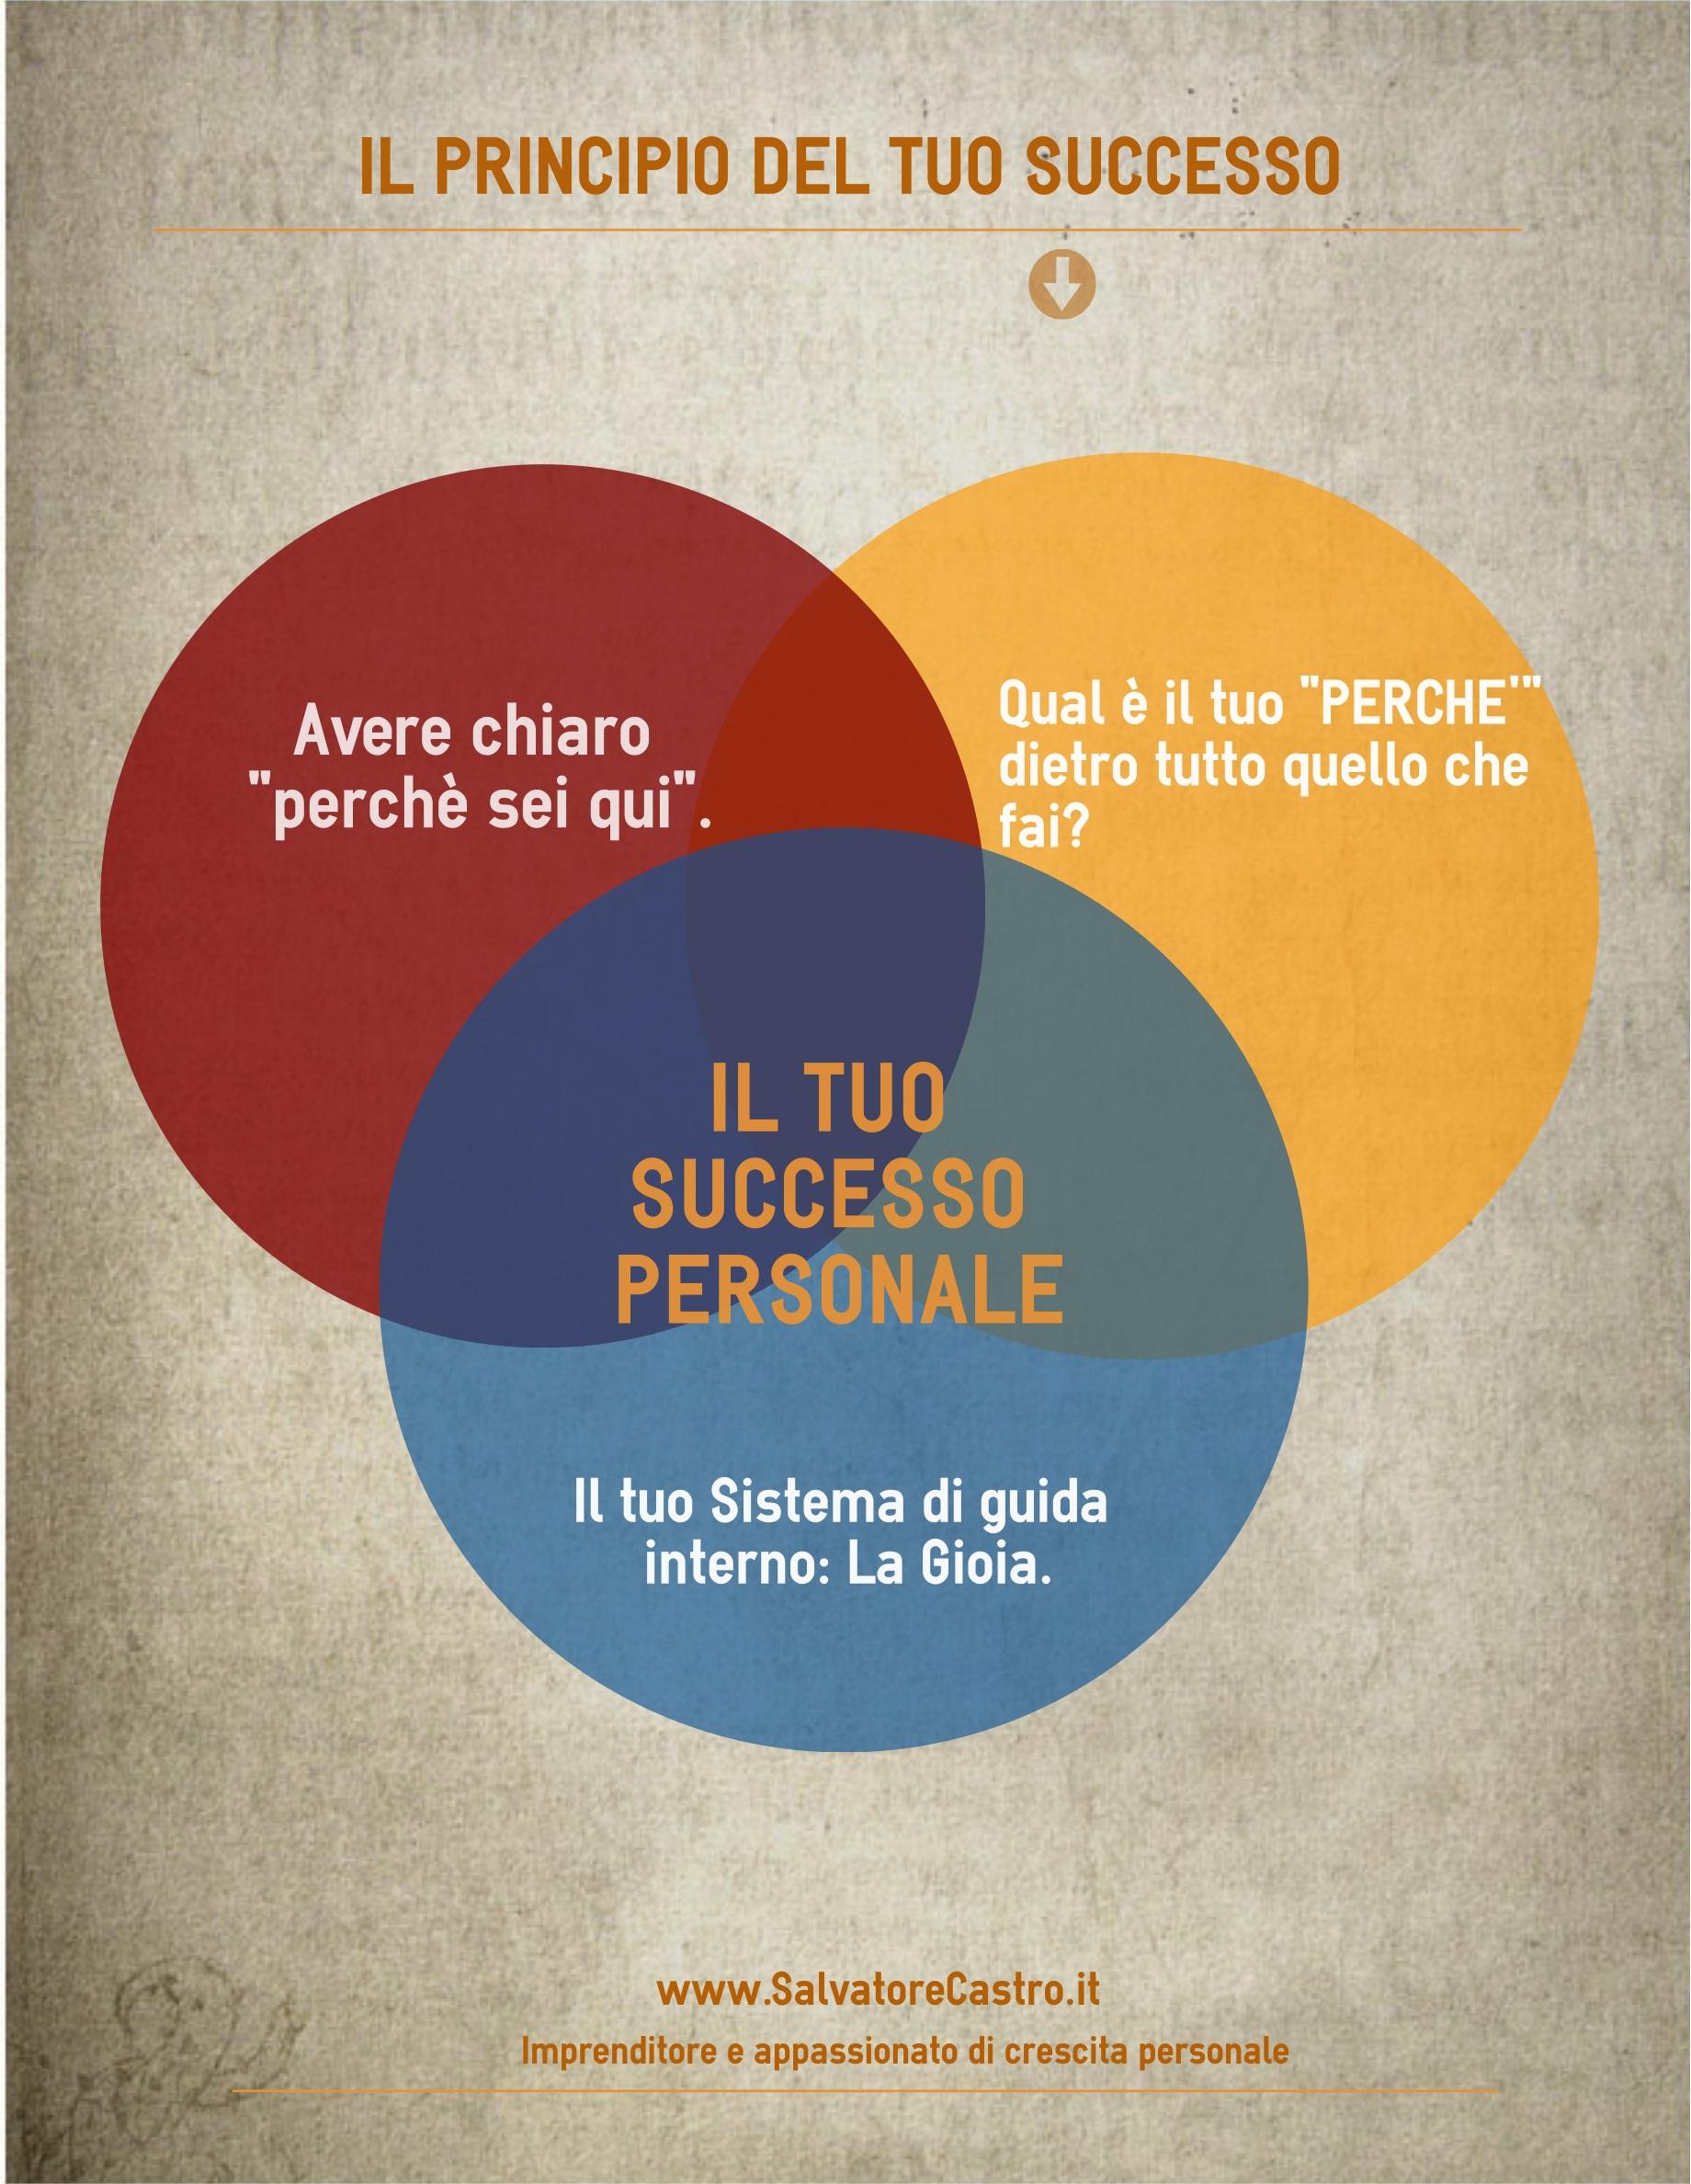 Il Principio del Tuo Successo(clicca la foto e scarica infografica + Mini Report)